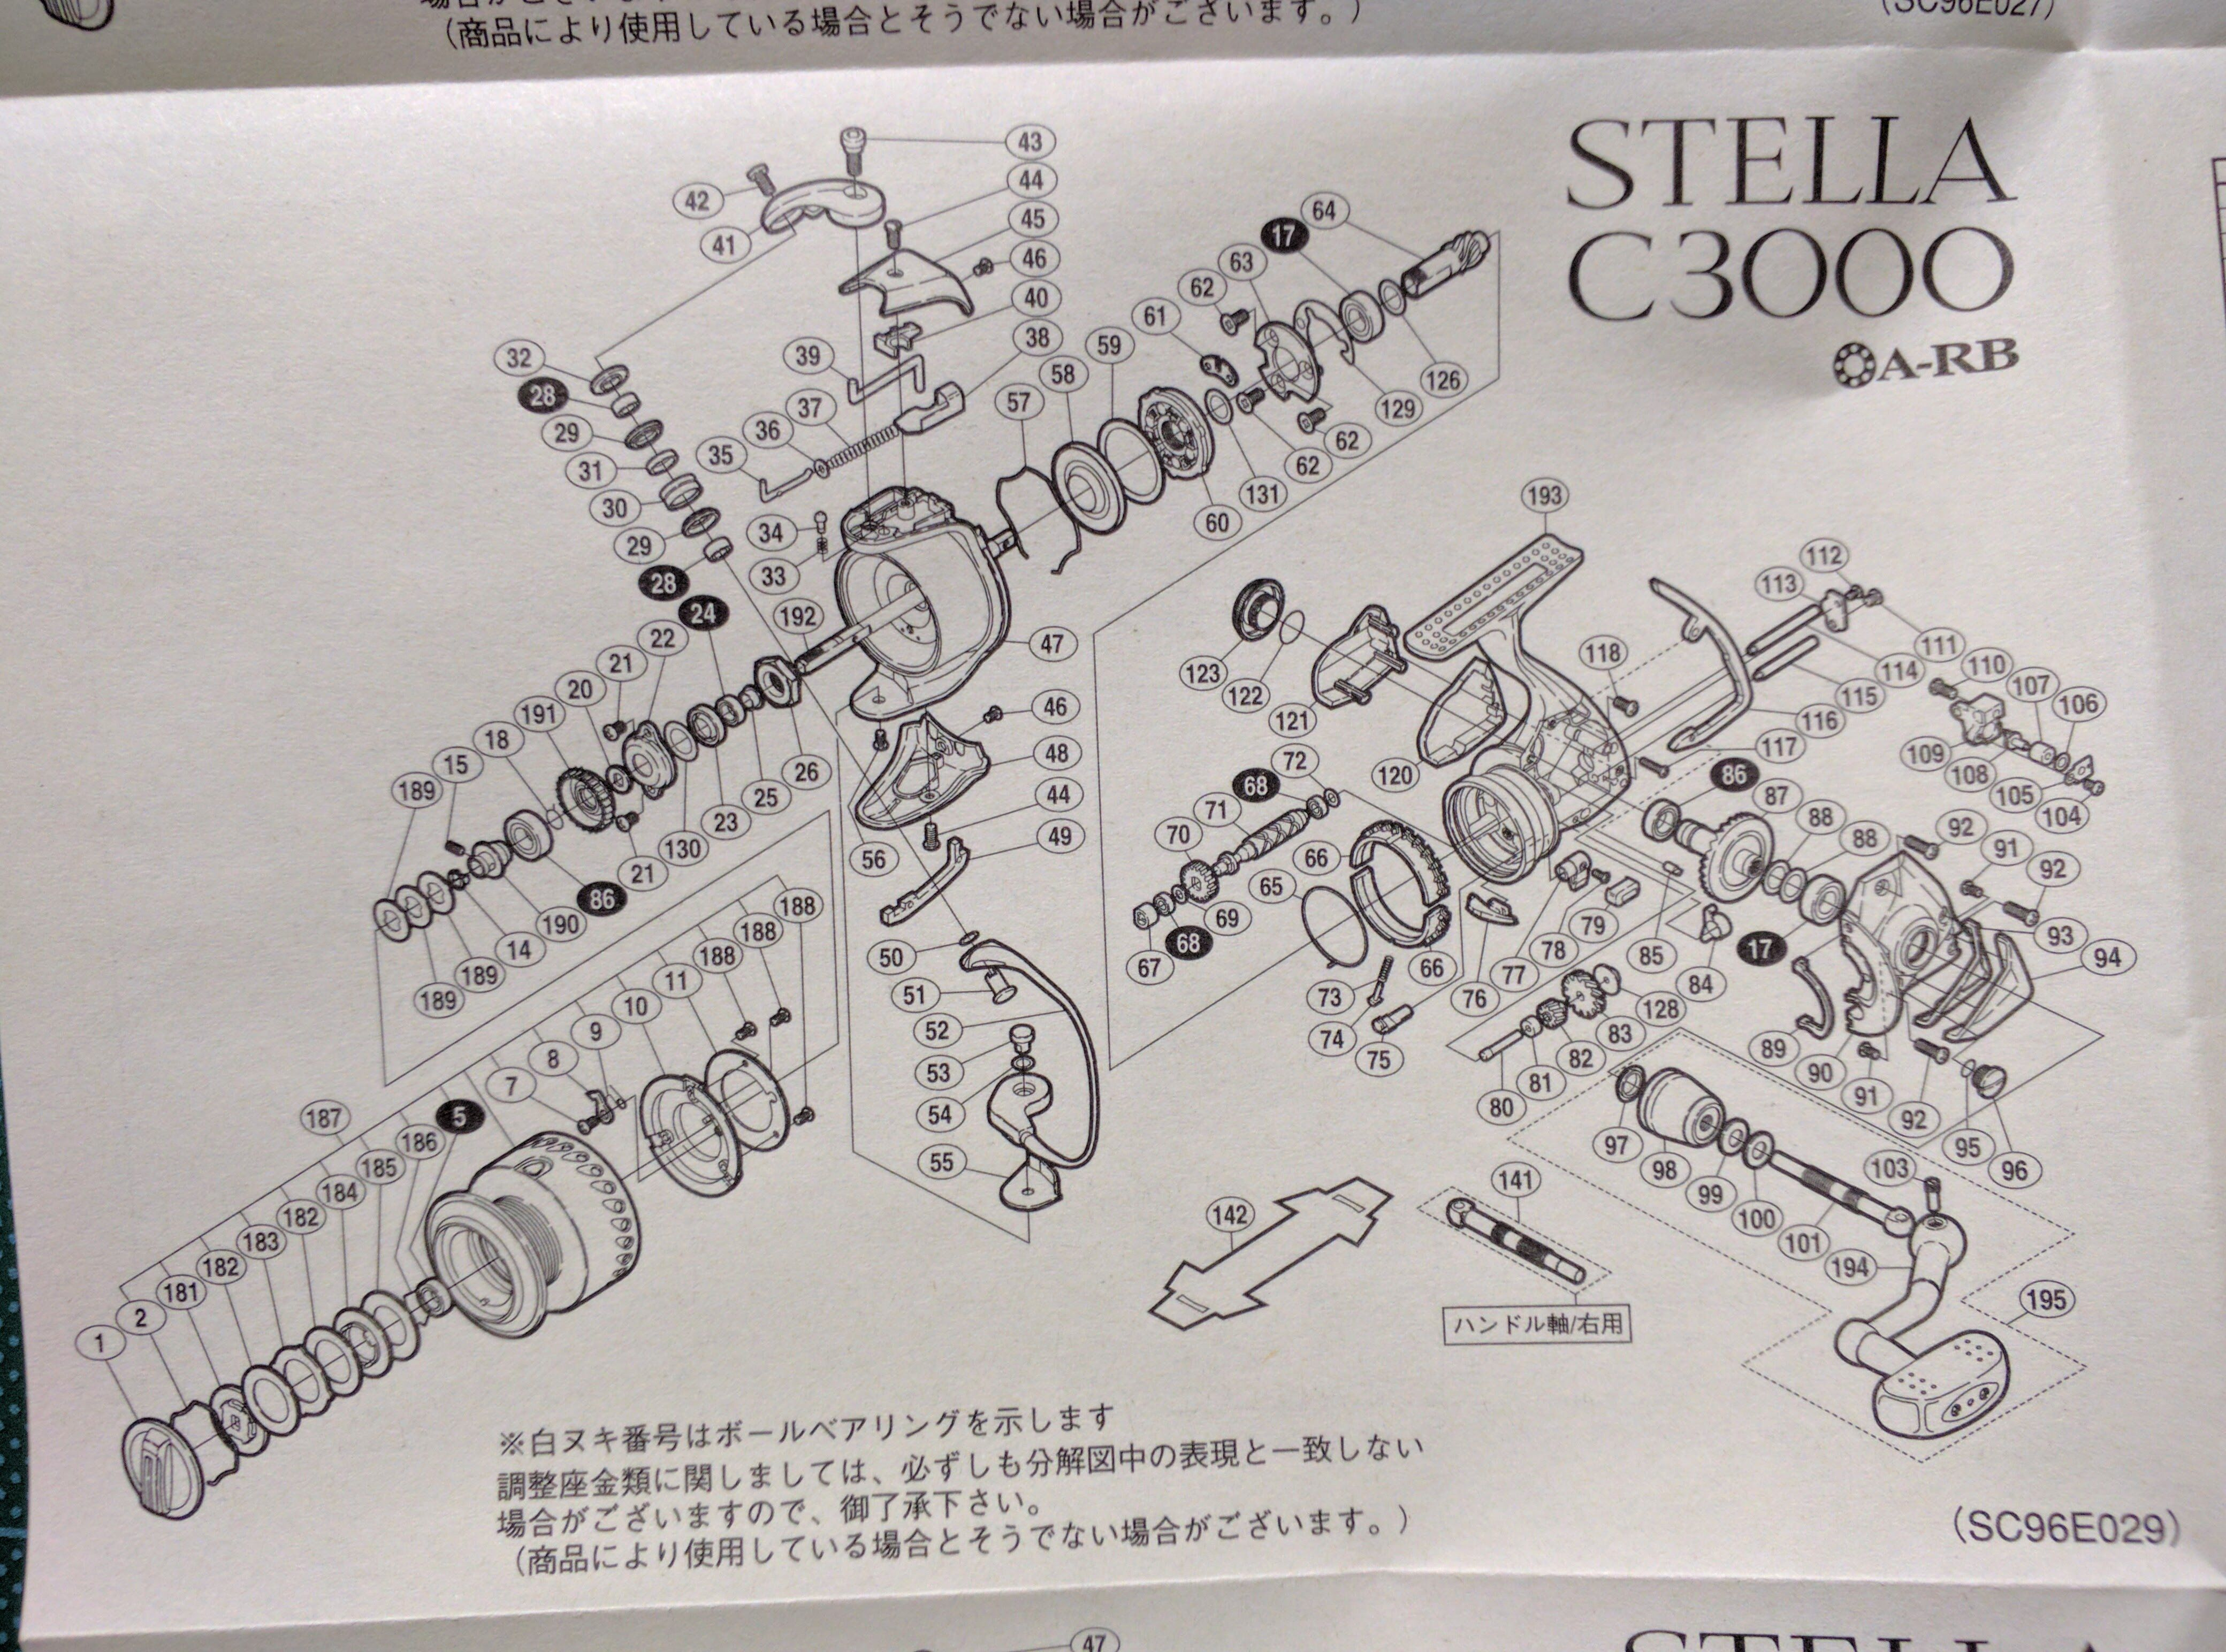 shimano-04stella-C3000-schematic (SC96E029)